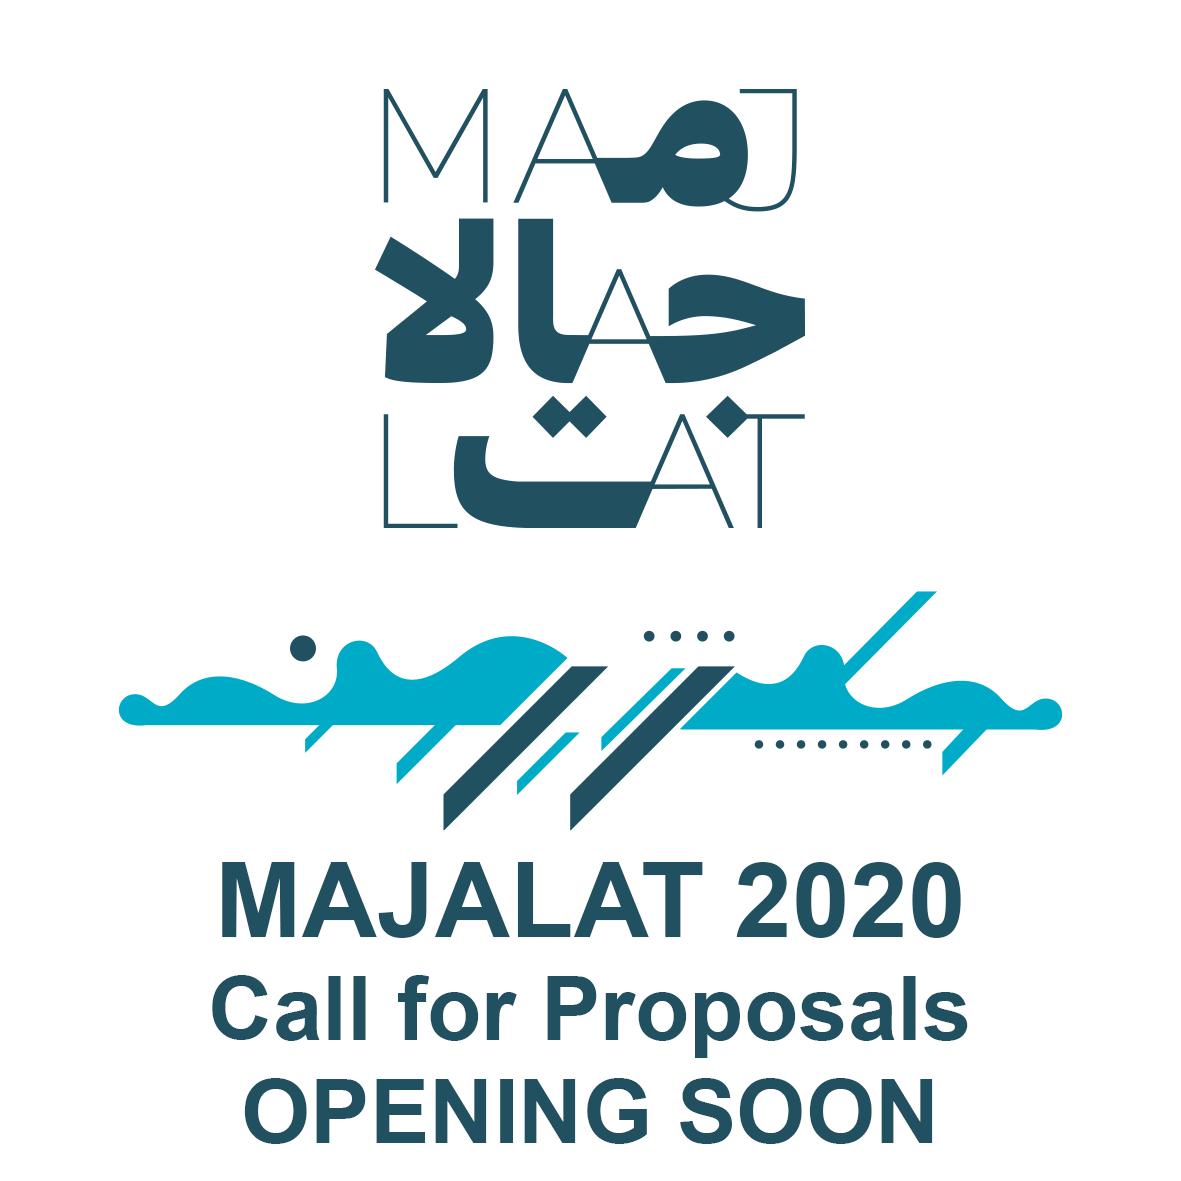 مجالات 2020– الإعلان عن دعوة لتقديم طلبات قريبا